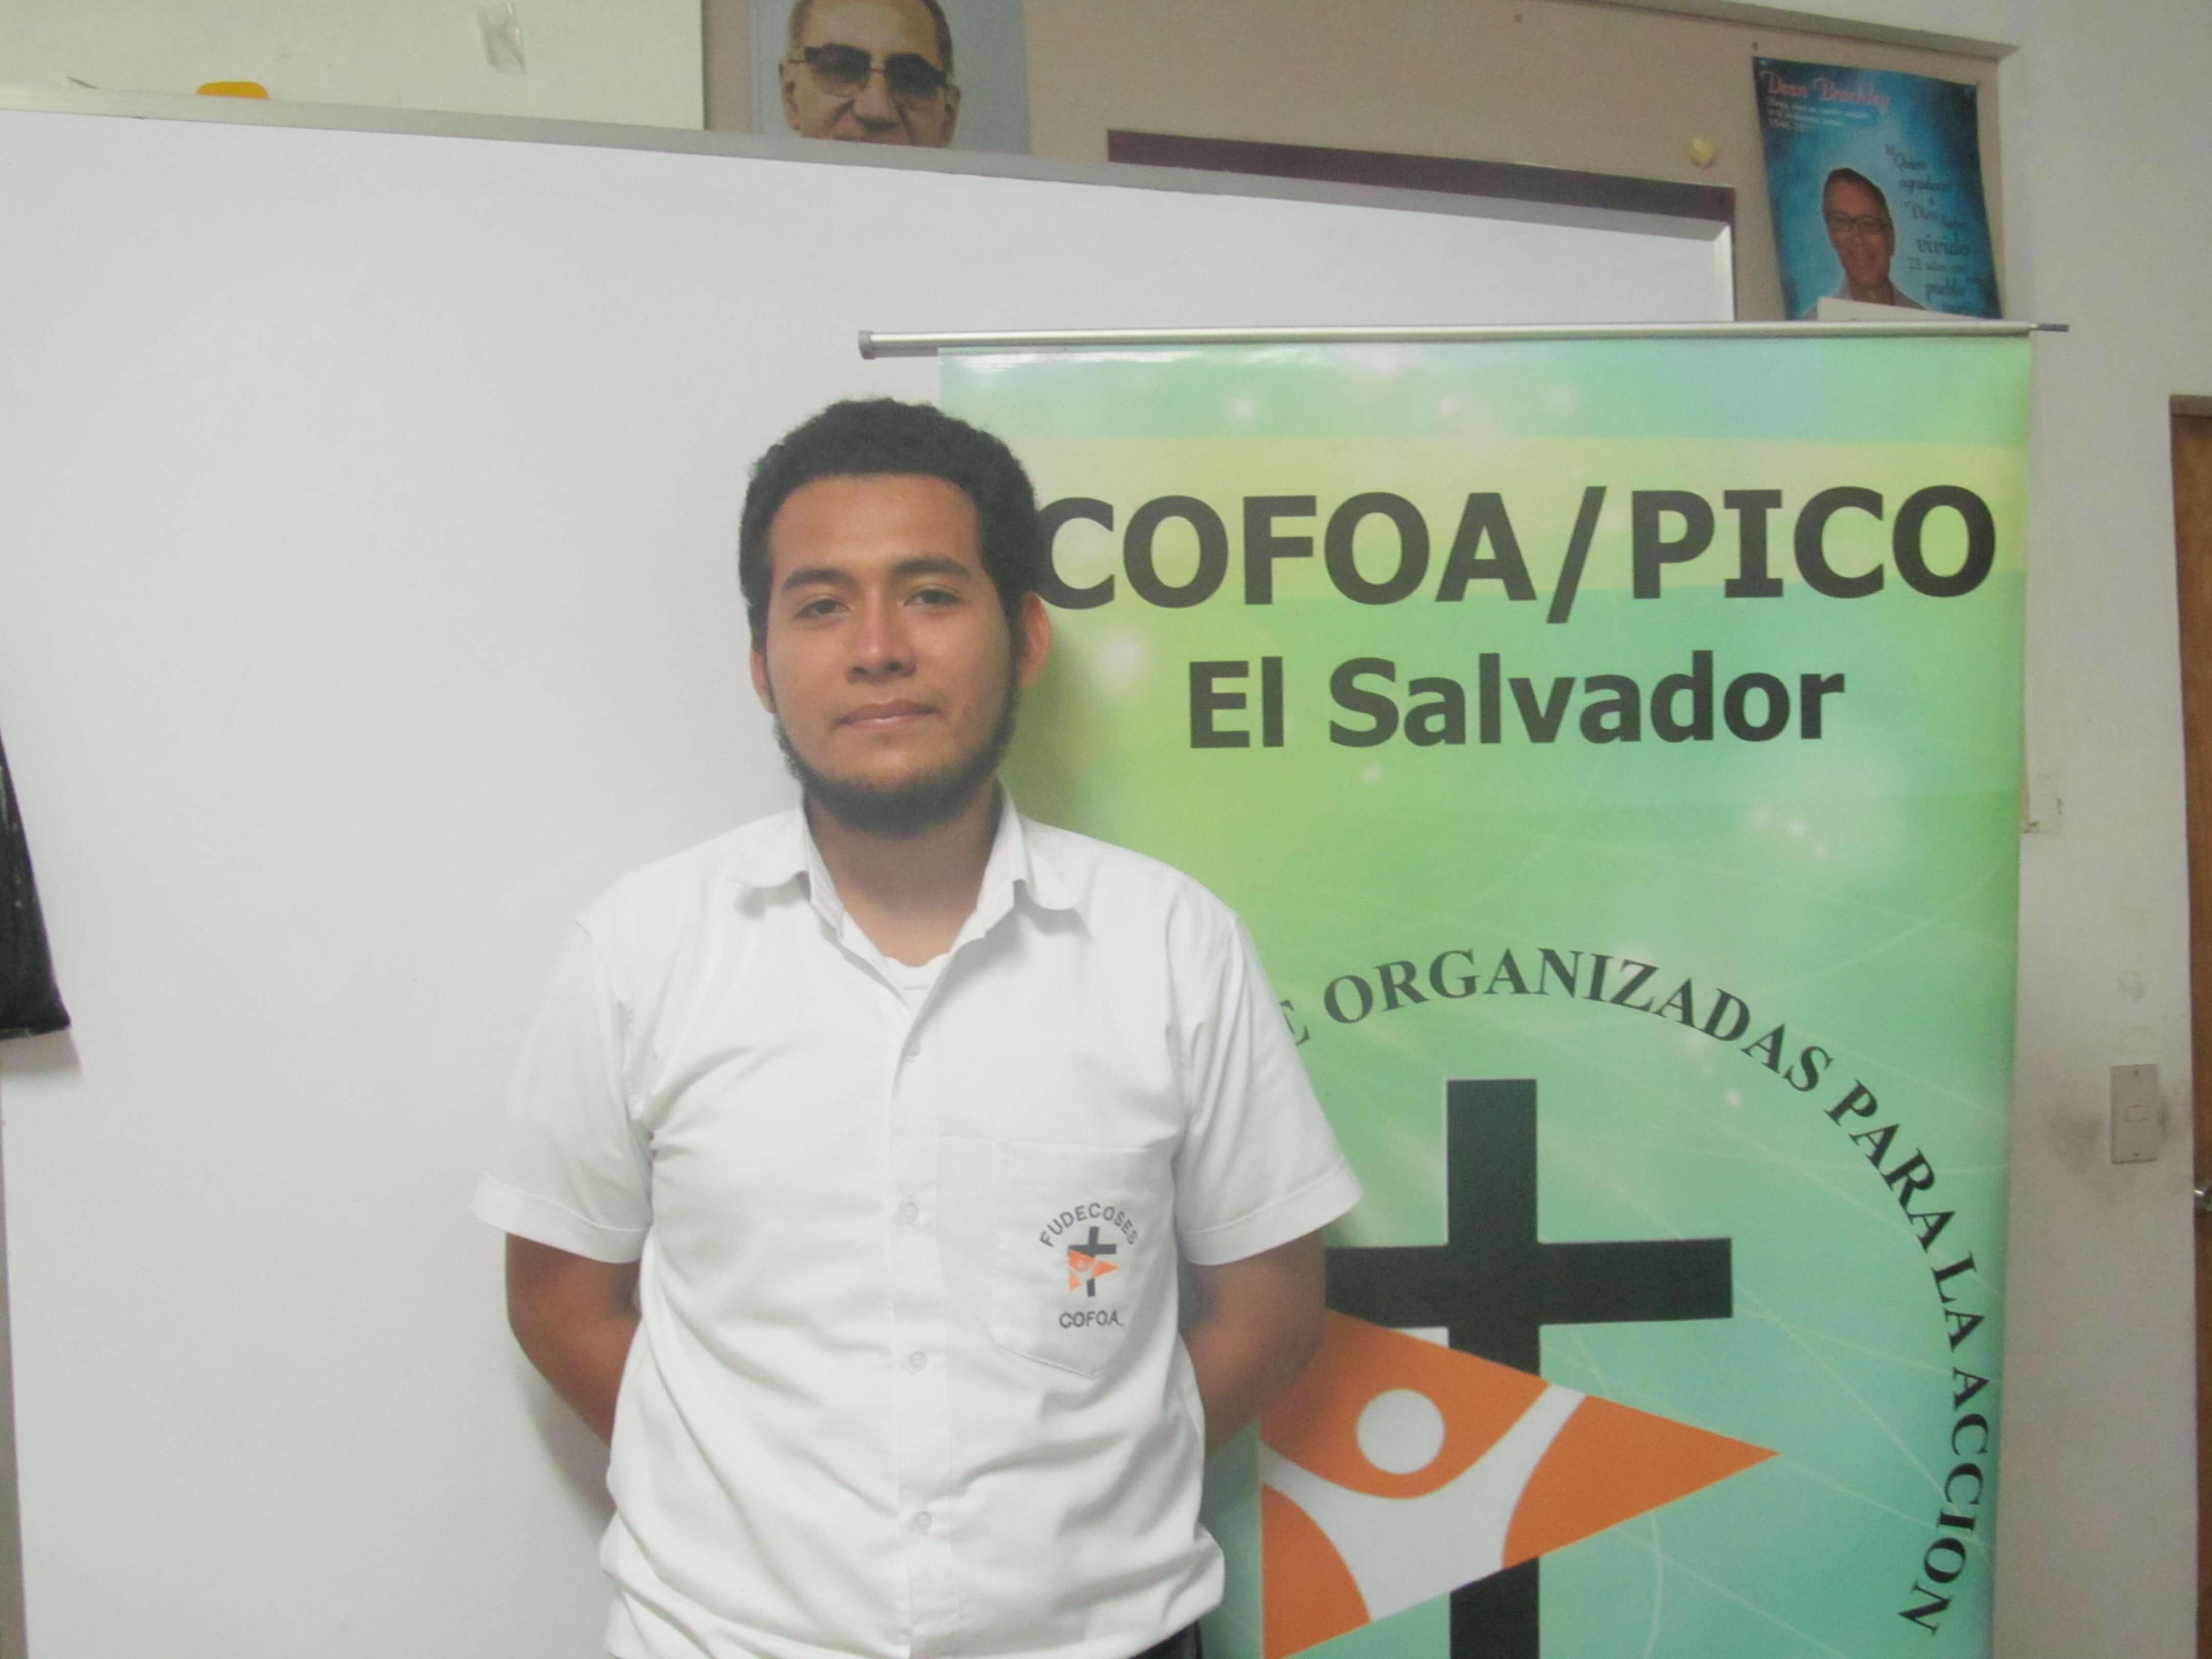 Hector Josue Montano